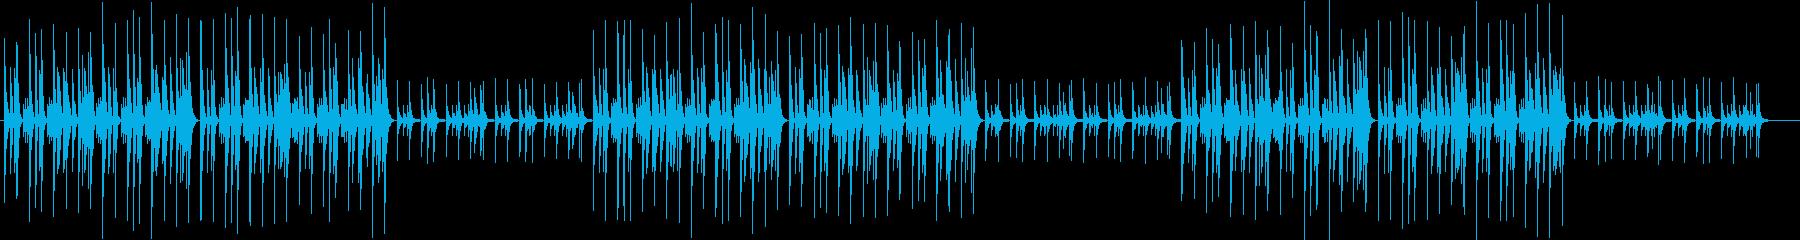 野球ゲーム応援歌 チープなチップチューンの再生済みの波形